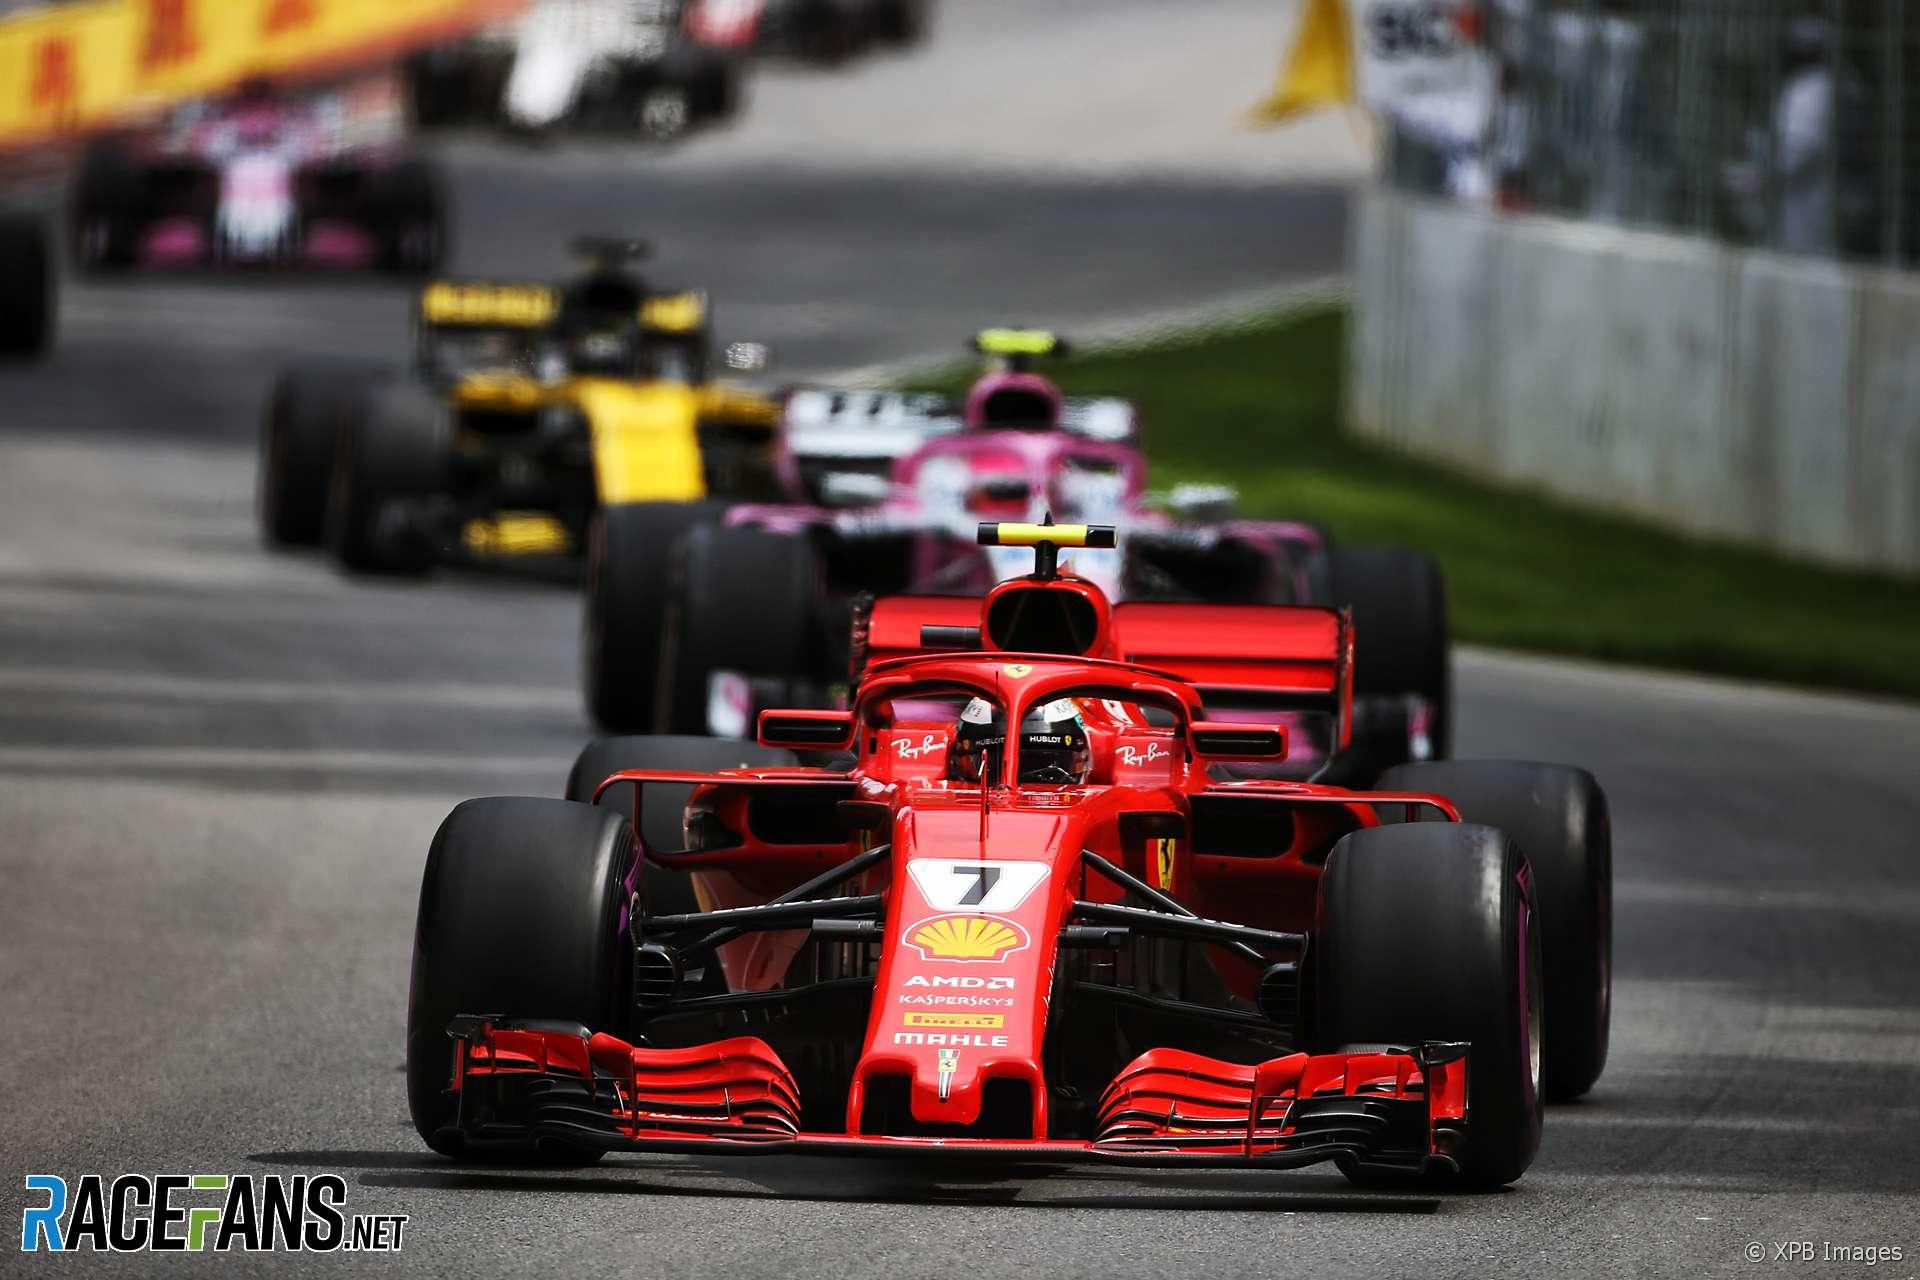 Kimi Raikkonen, Ferrari, Circuit Gilles Villeneuve, 2018